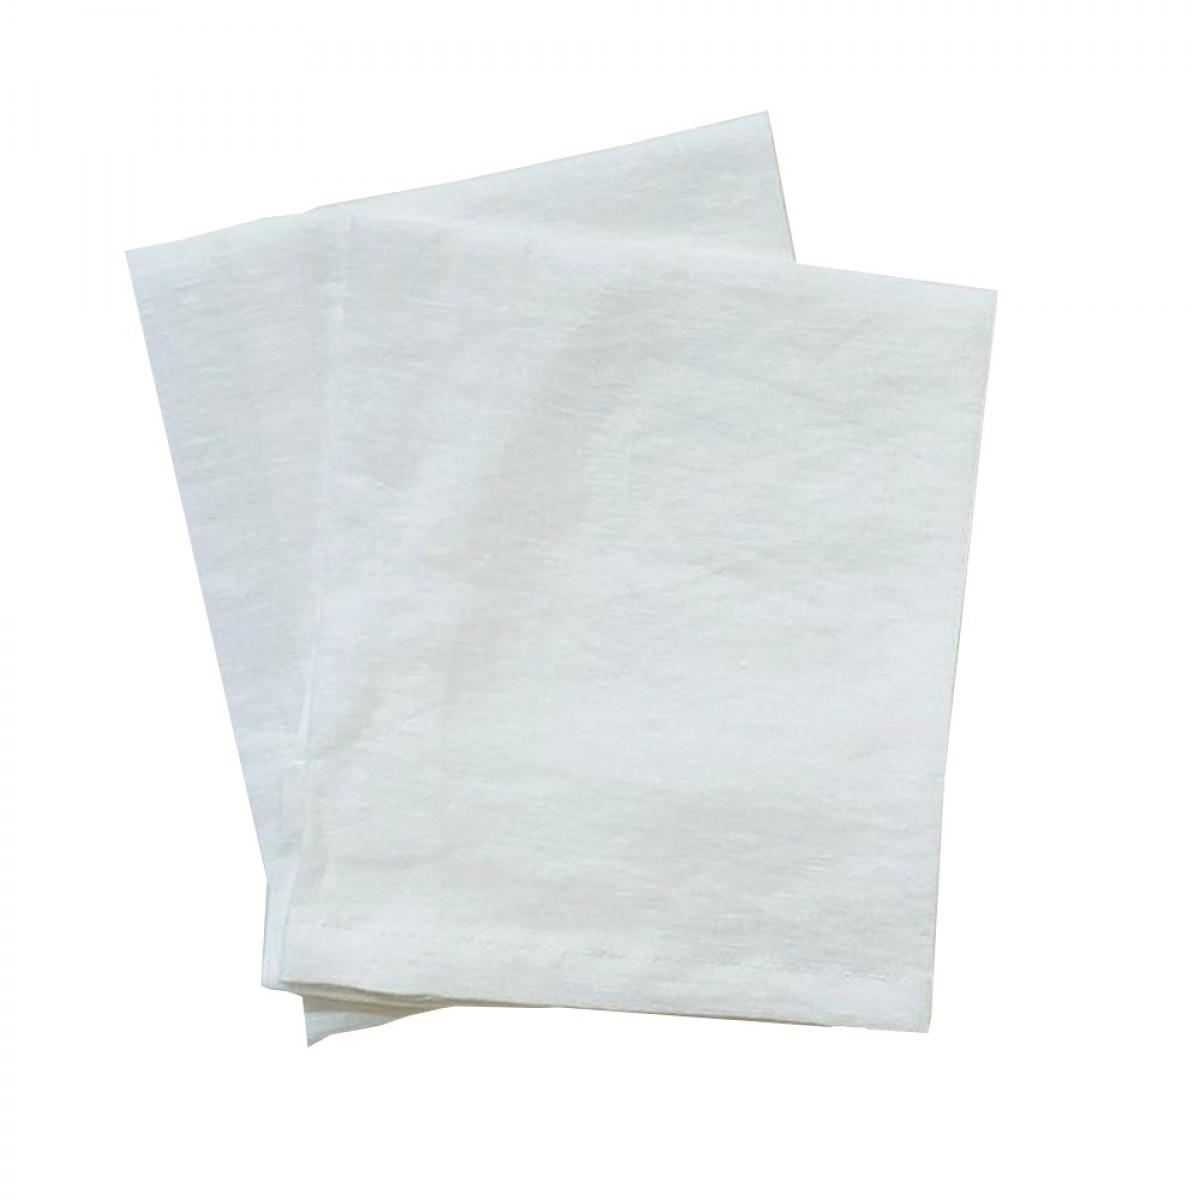 Linen Napkin - White (Set of 6)